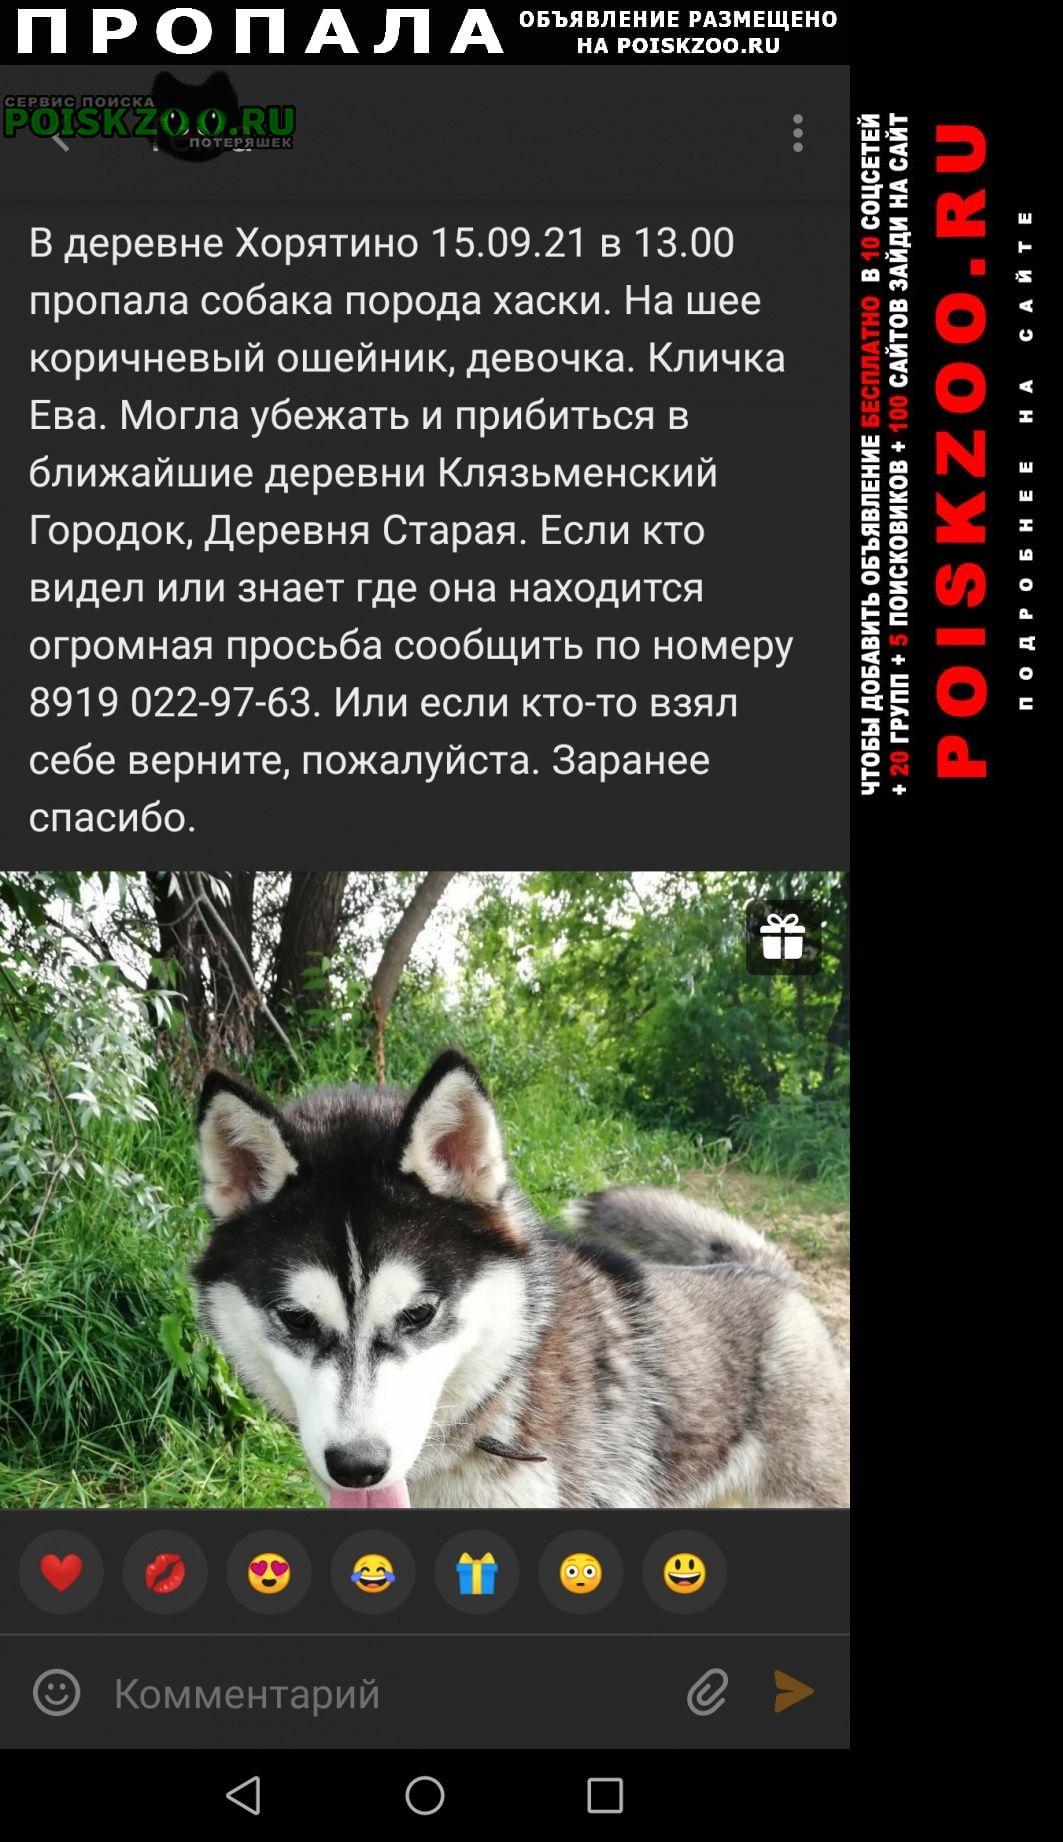 Пропала собака срочно помогите пожалуйста Ковров